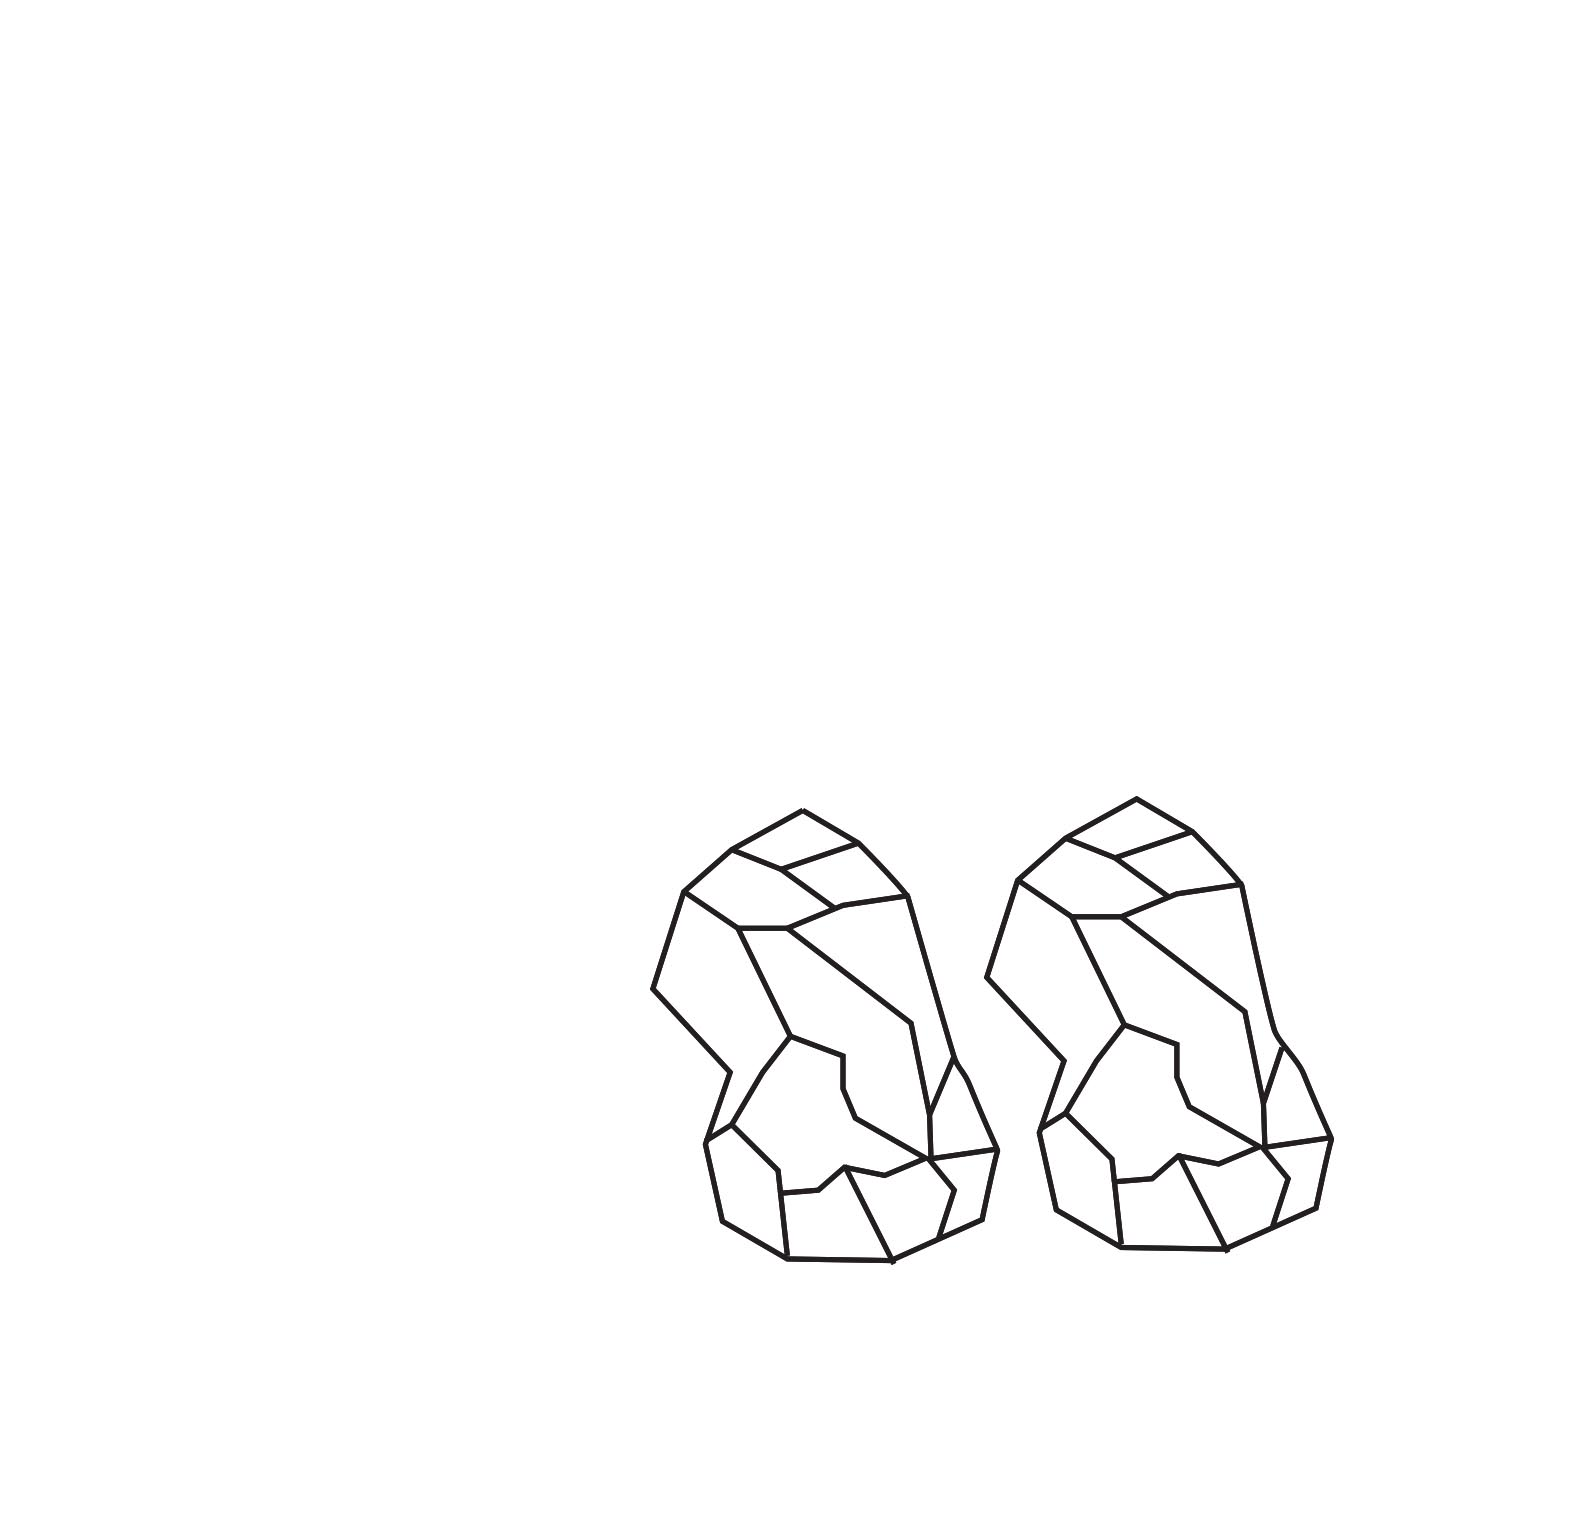 rocks pair.jpg